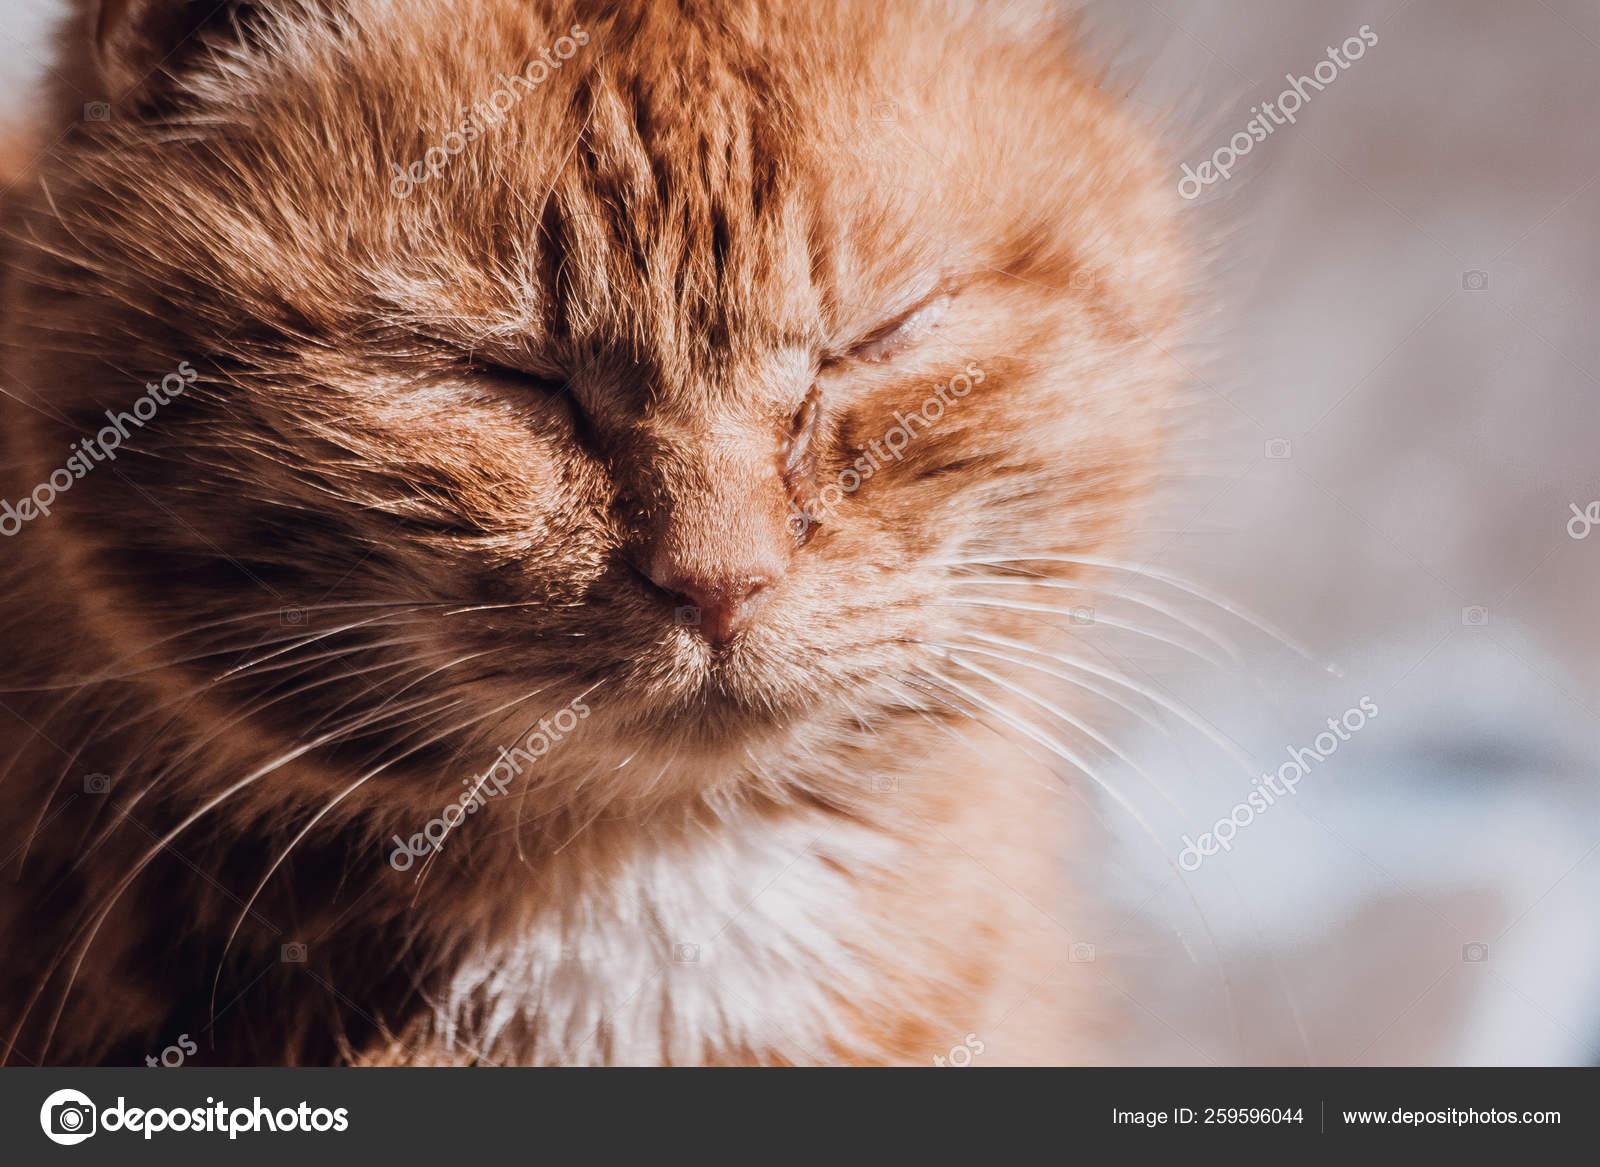 18 763 Sad Cat Stock Photos Images Download Sad Cat Pictures On Depositphotos